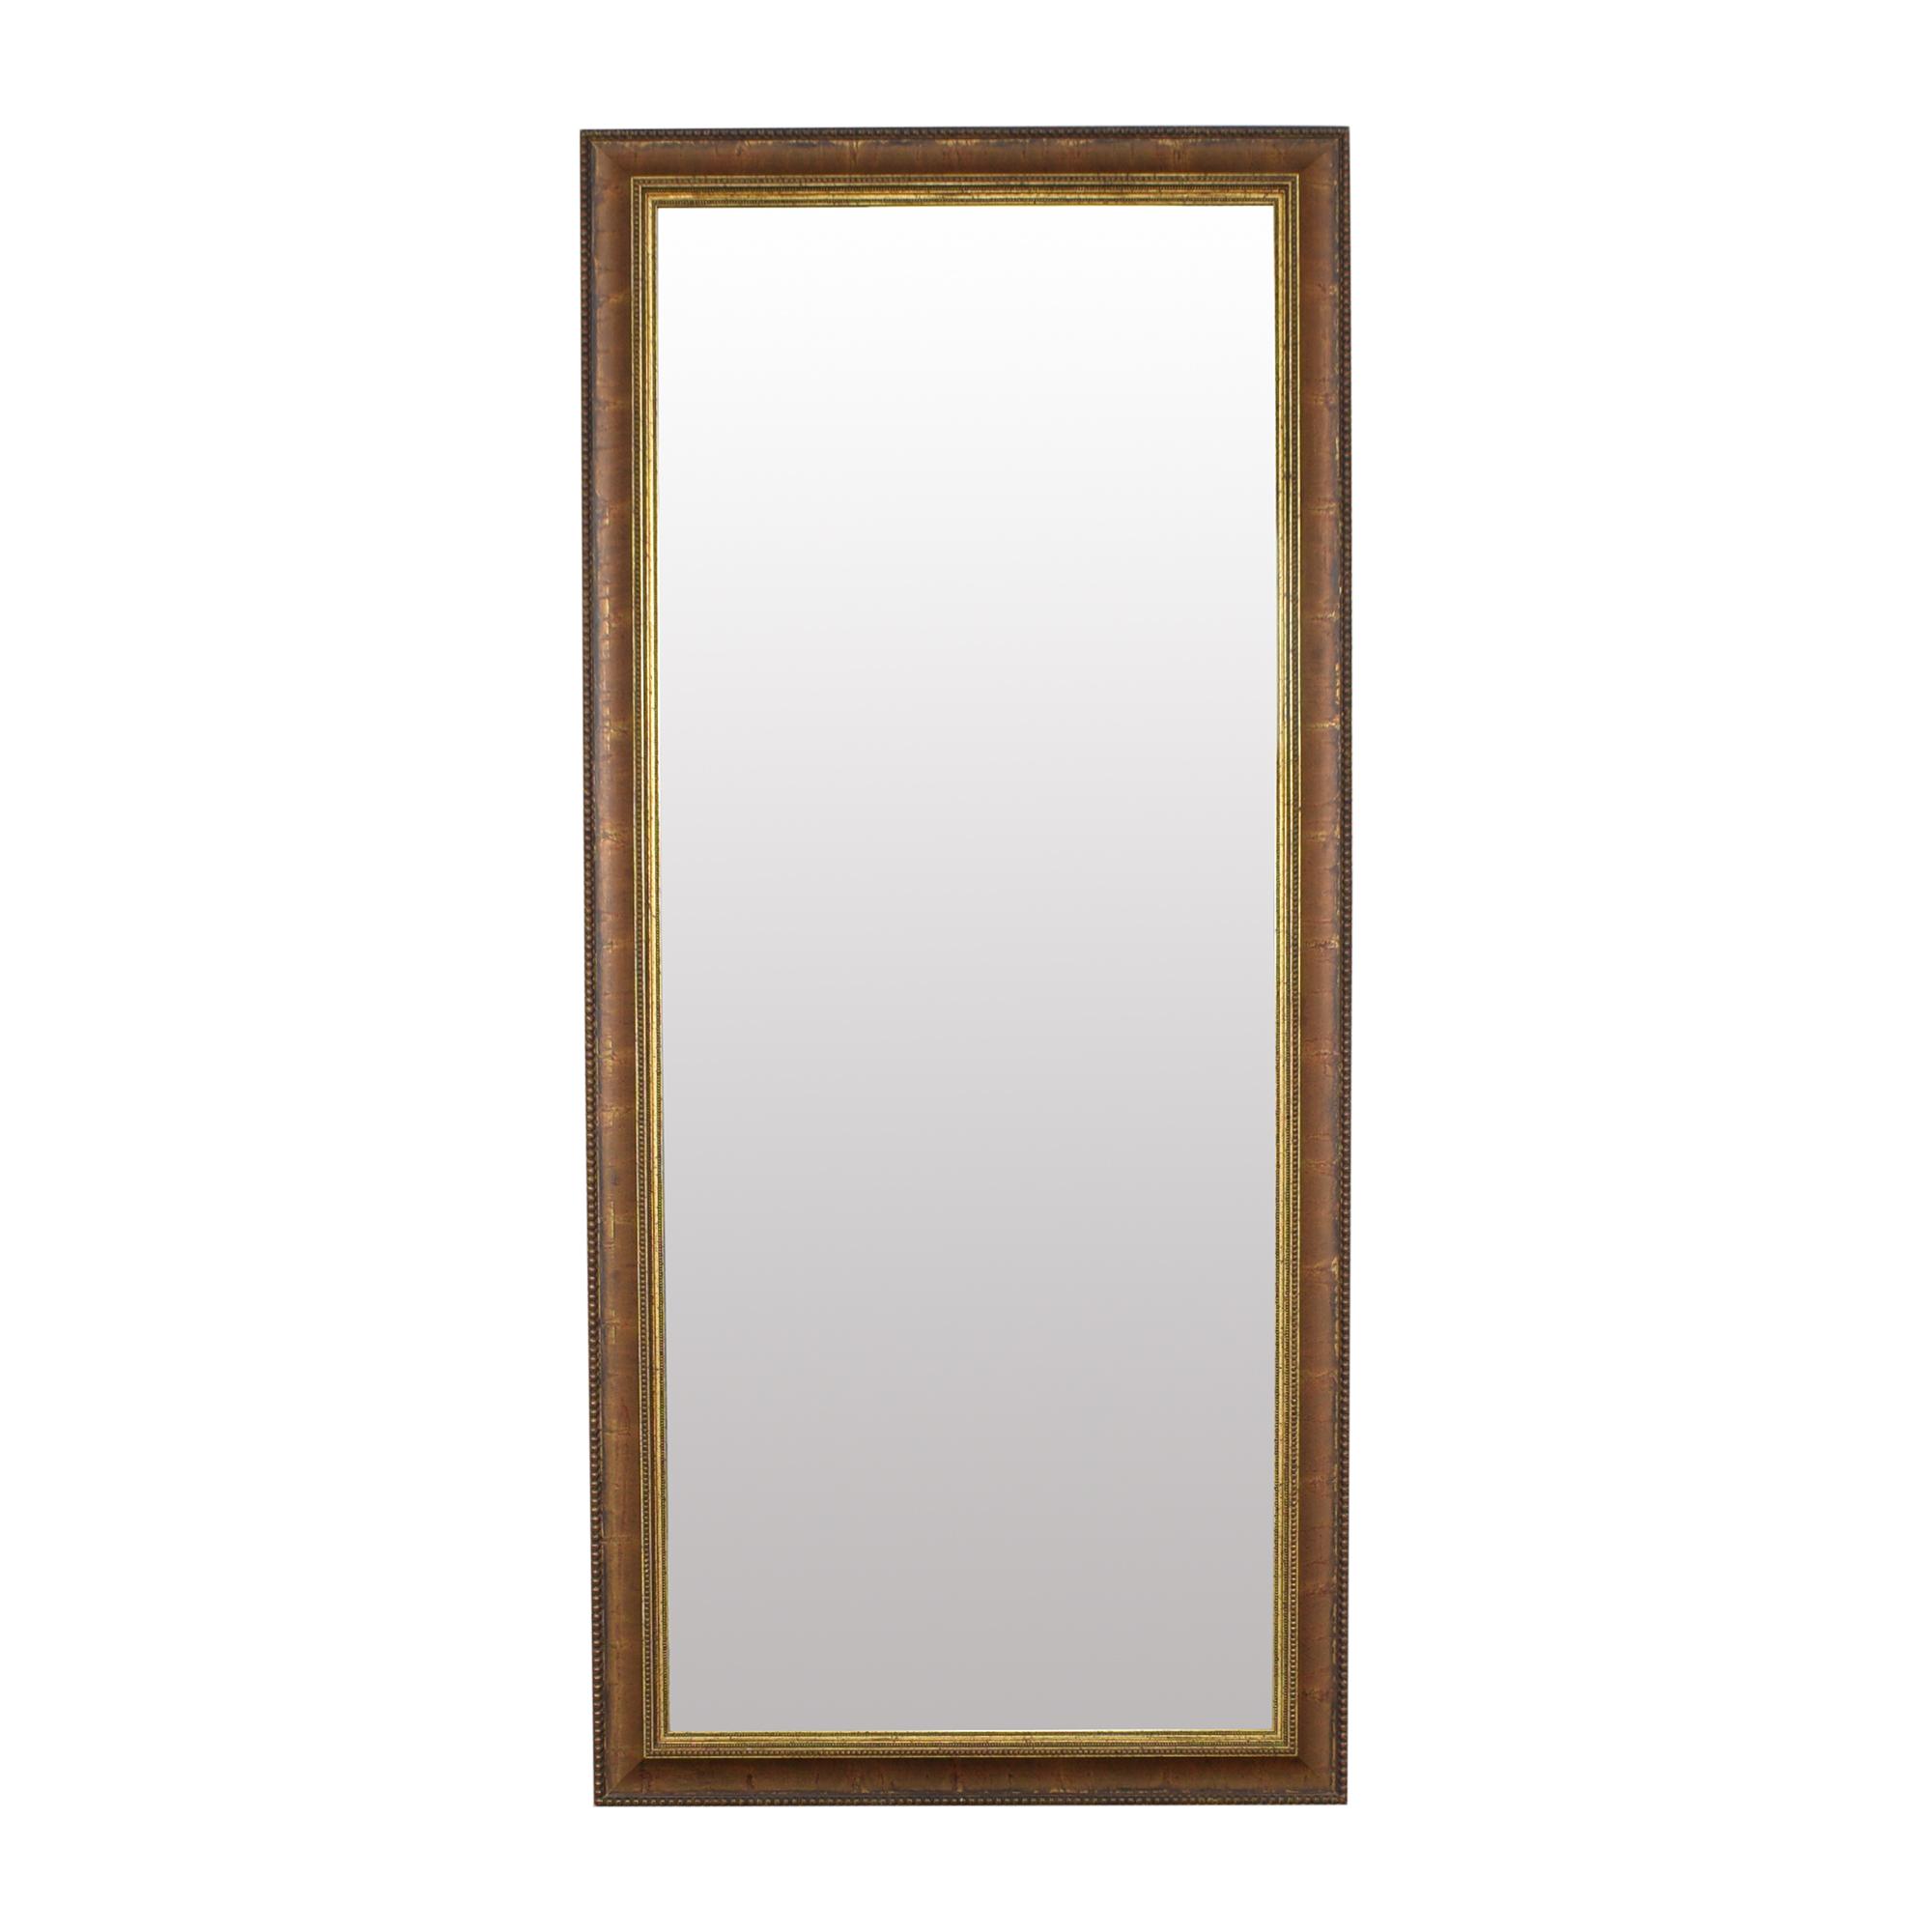 Framed Floor Mirror dimensions